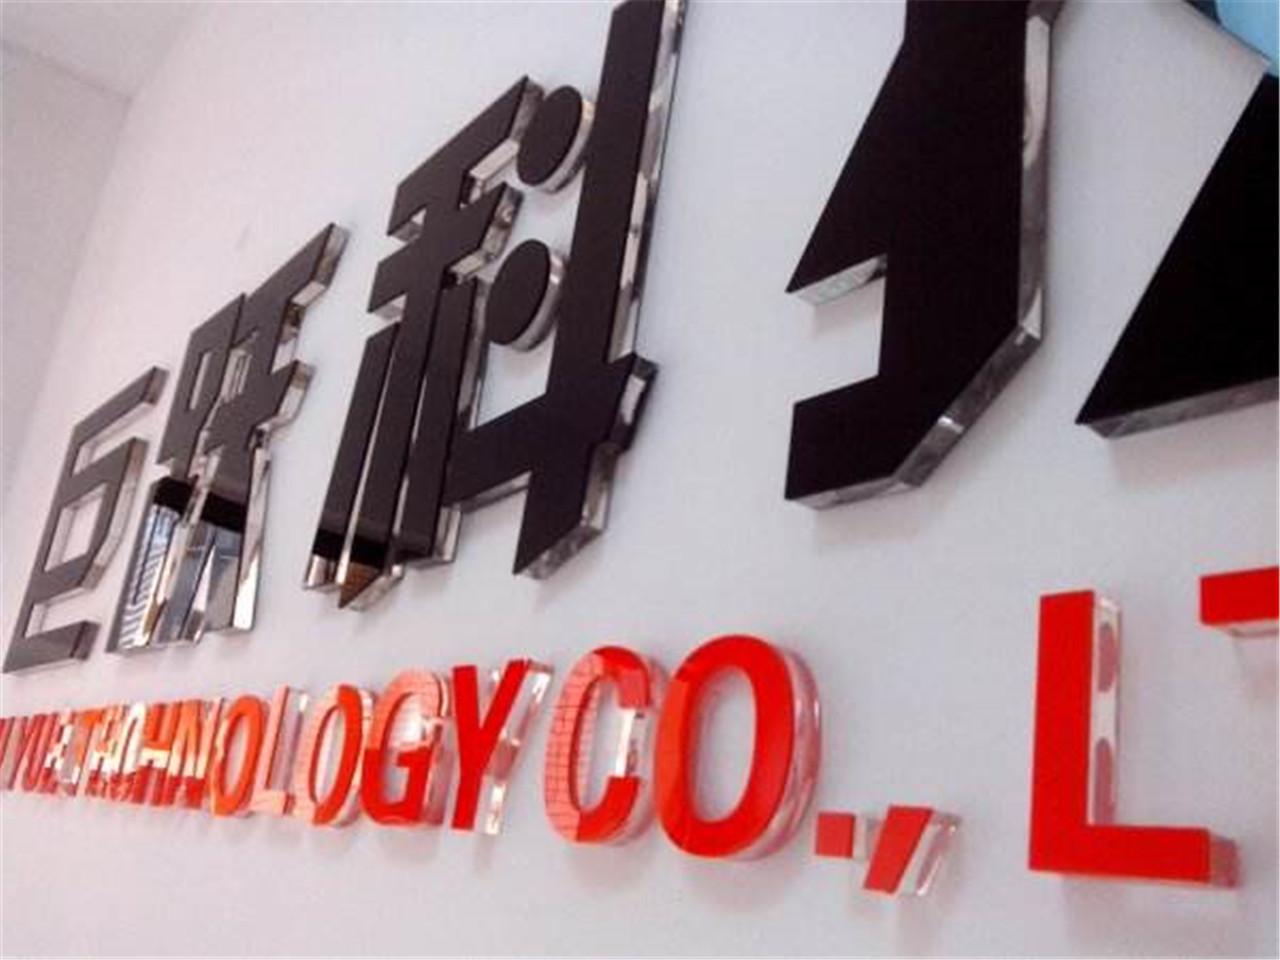 精工字批发,海口创意精工水晶字定做公司